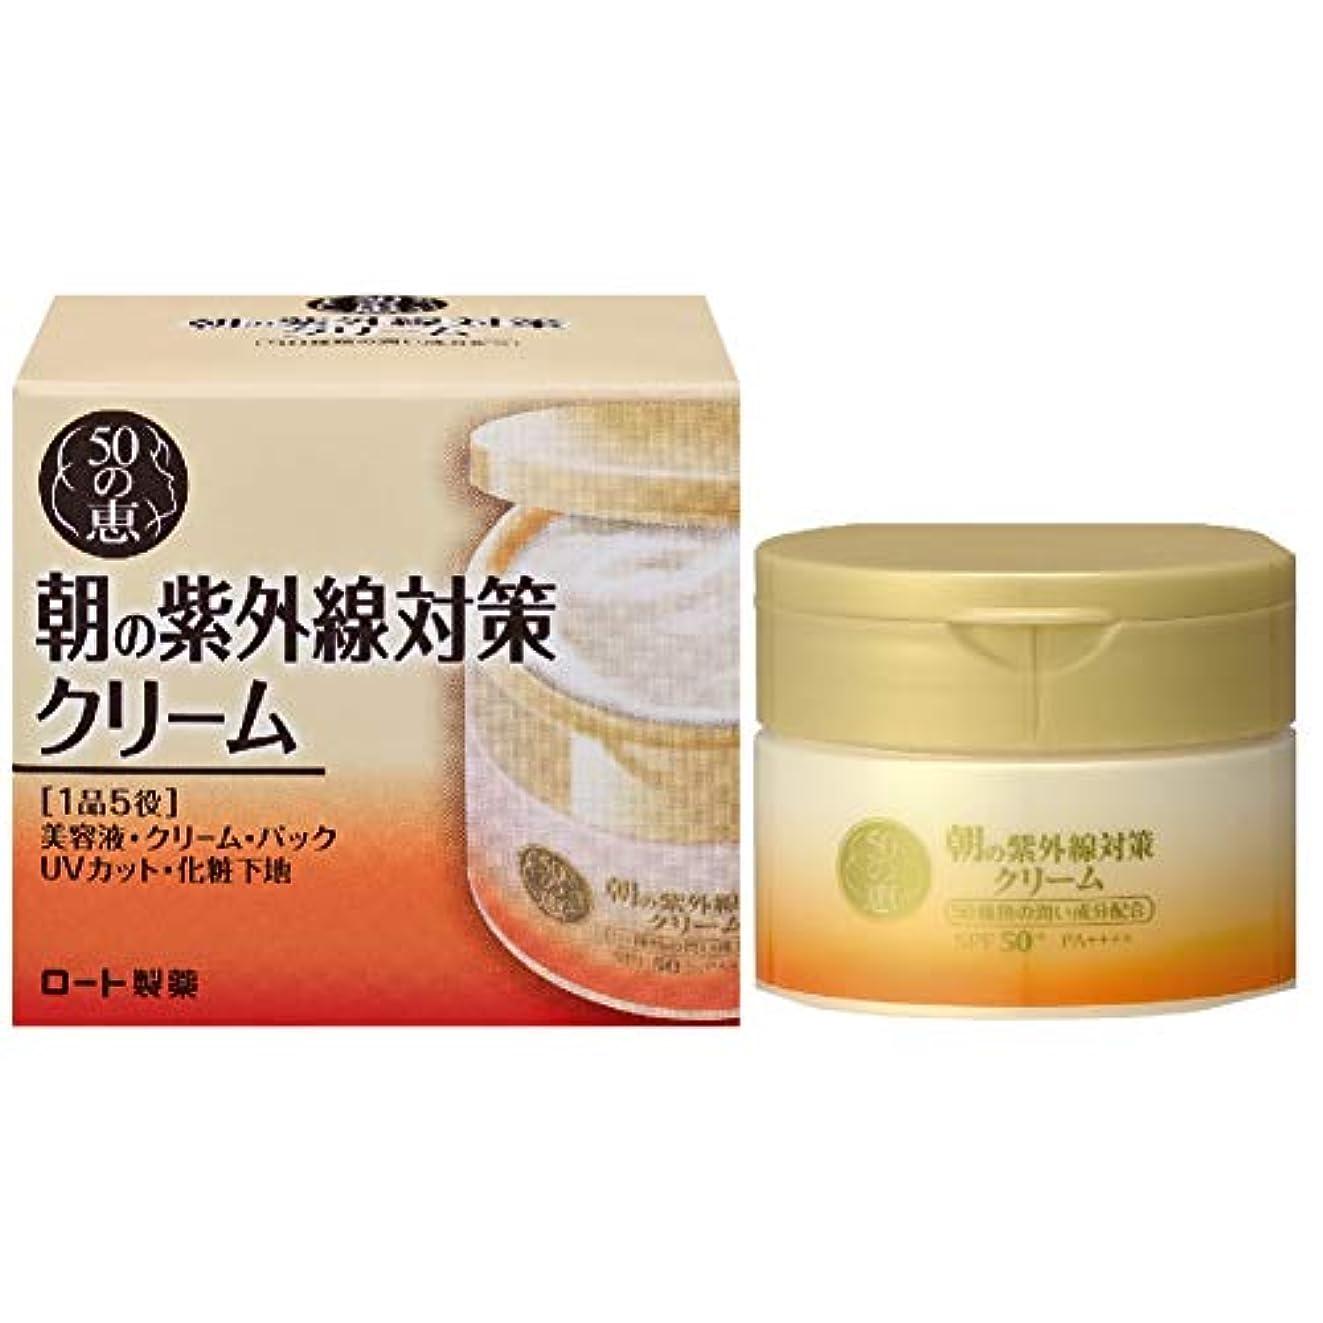 鉛バケットレジデンスロート製薬 50の恵エイジングケア 朝の紫外線対策クリーム 養潤成分50種類配合オールインワン SPF50+ PA++++ 90g